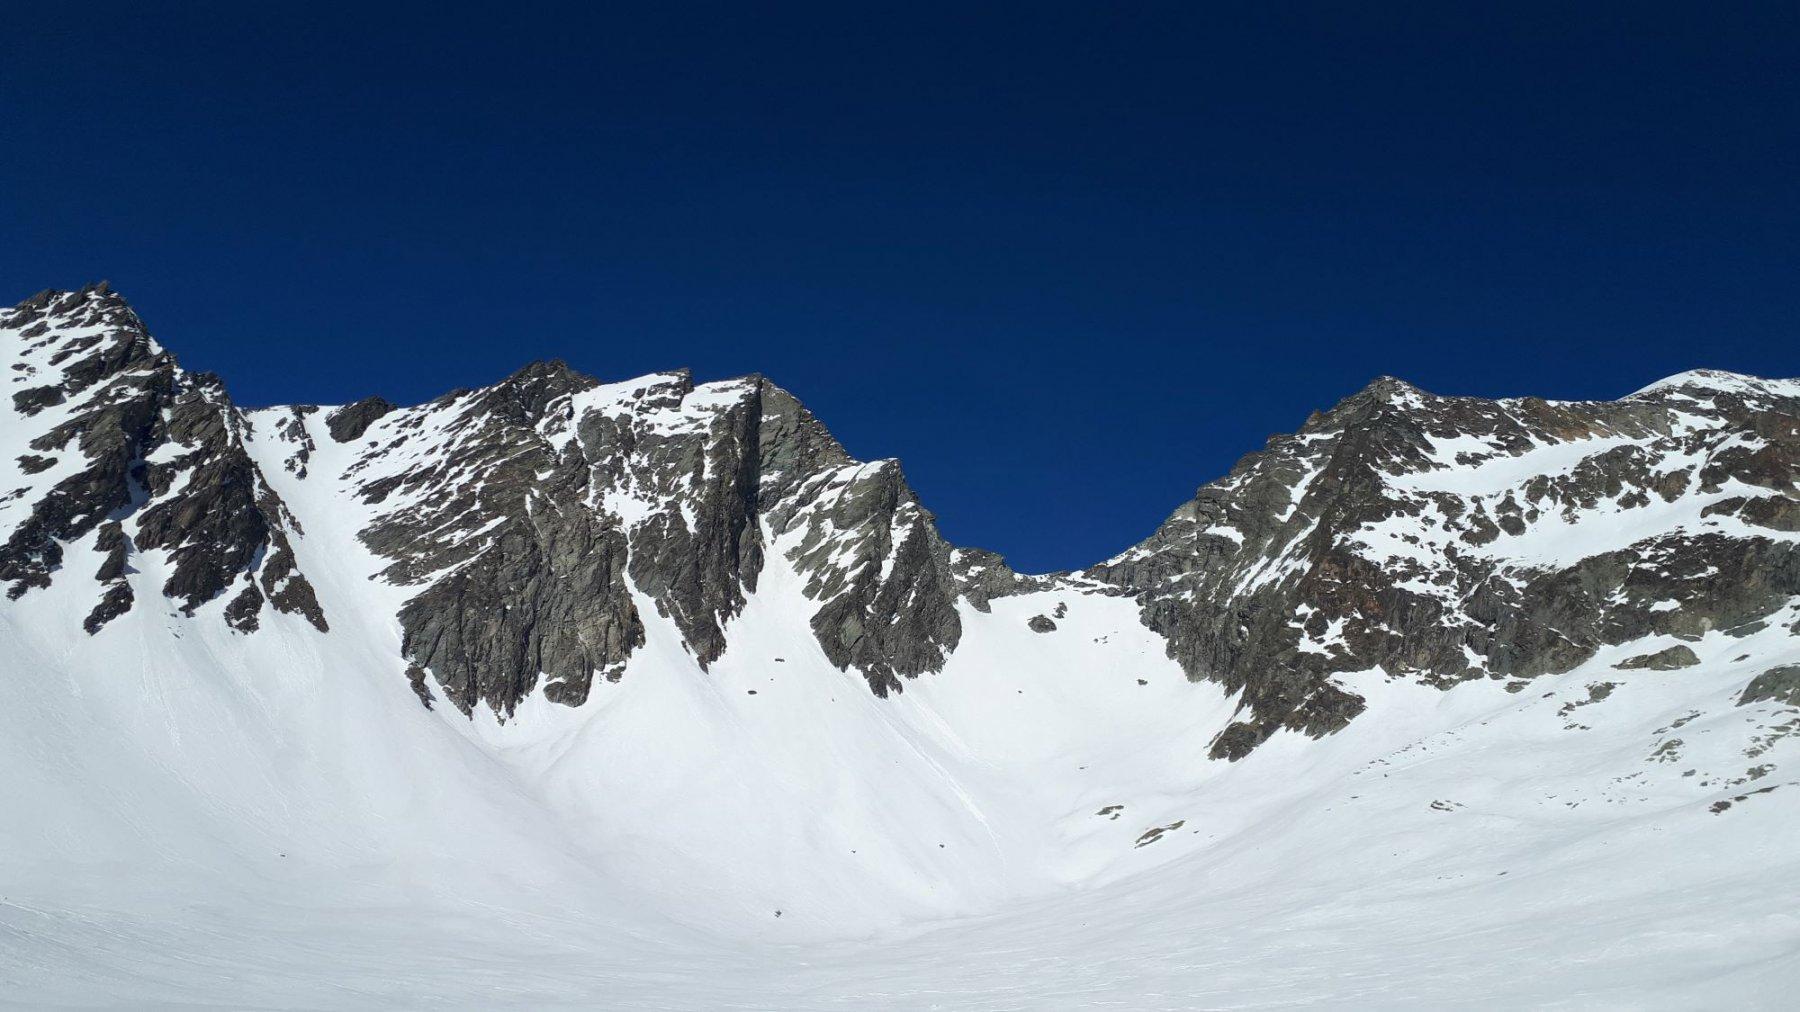 dalla comba Vertsan: a sinistra il colle Nord della Sabbla, a destra il col Berlon